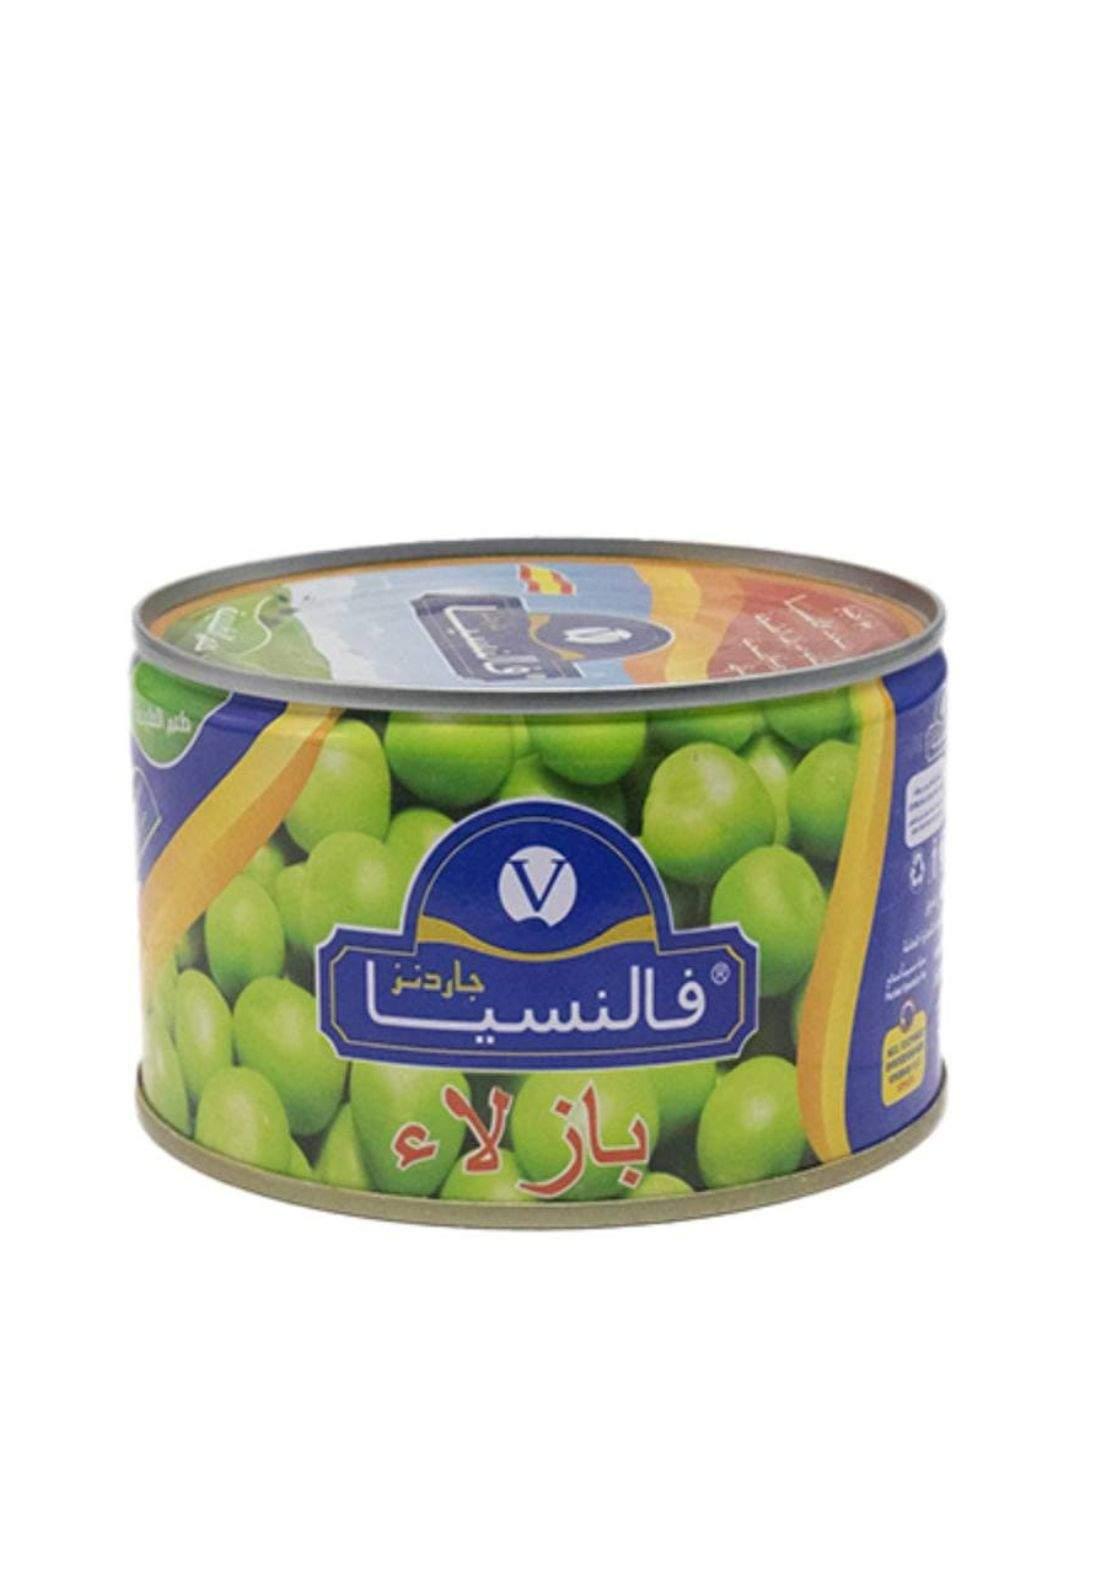 Valencia peas 500g فالنسيا بازلاء